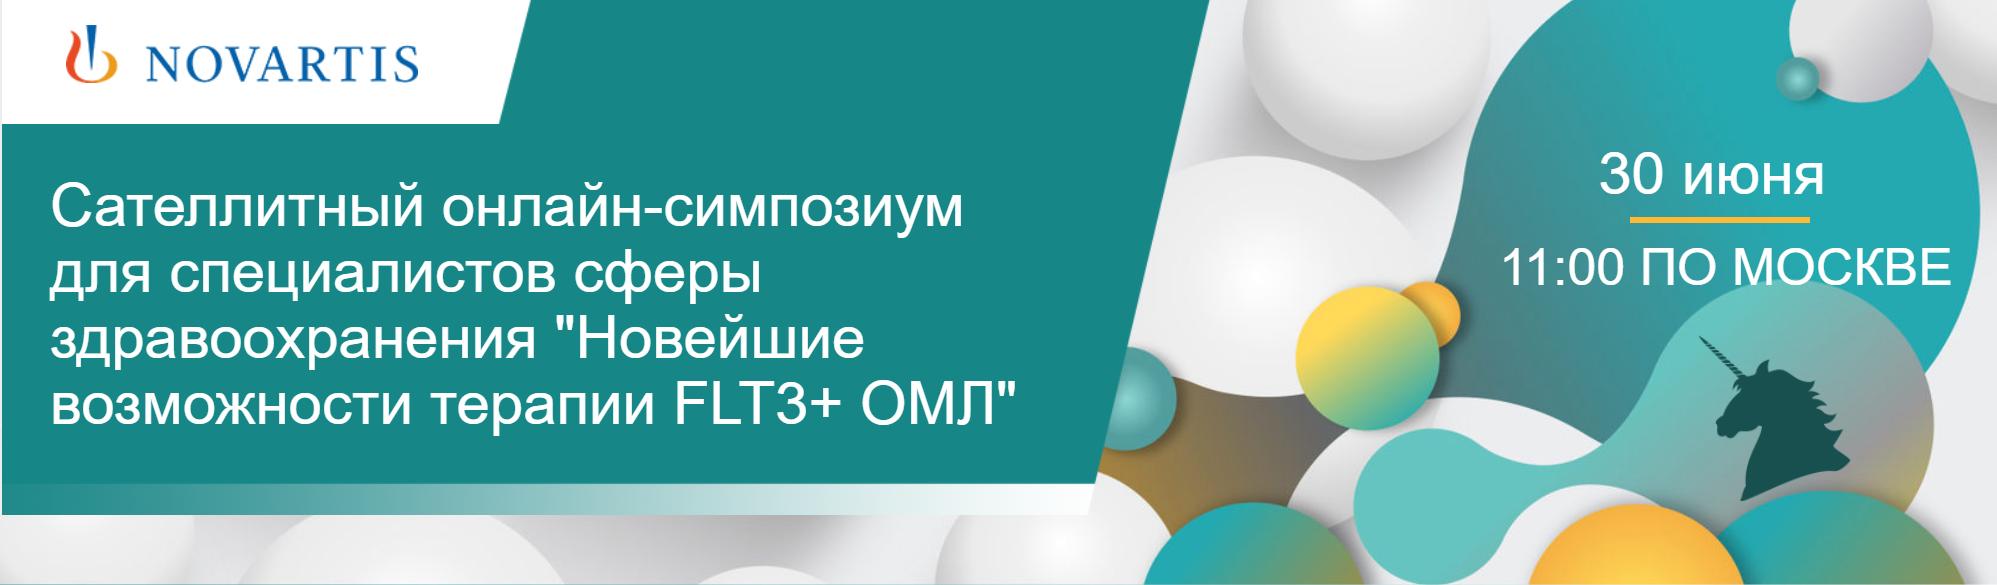 Онлайн-симпозиум «Новейшие возможности терапии FLT3+ ОМЛ»